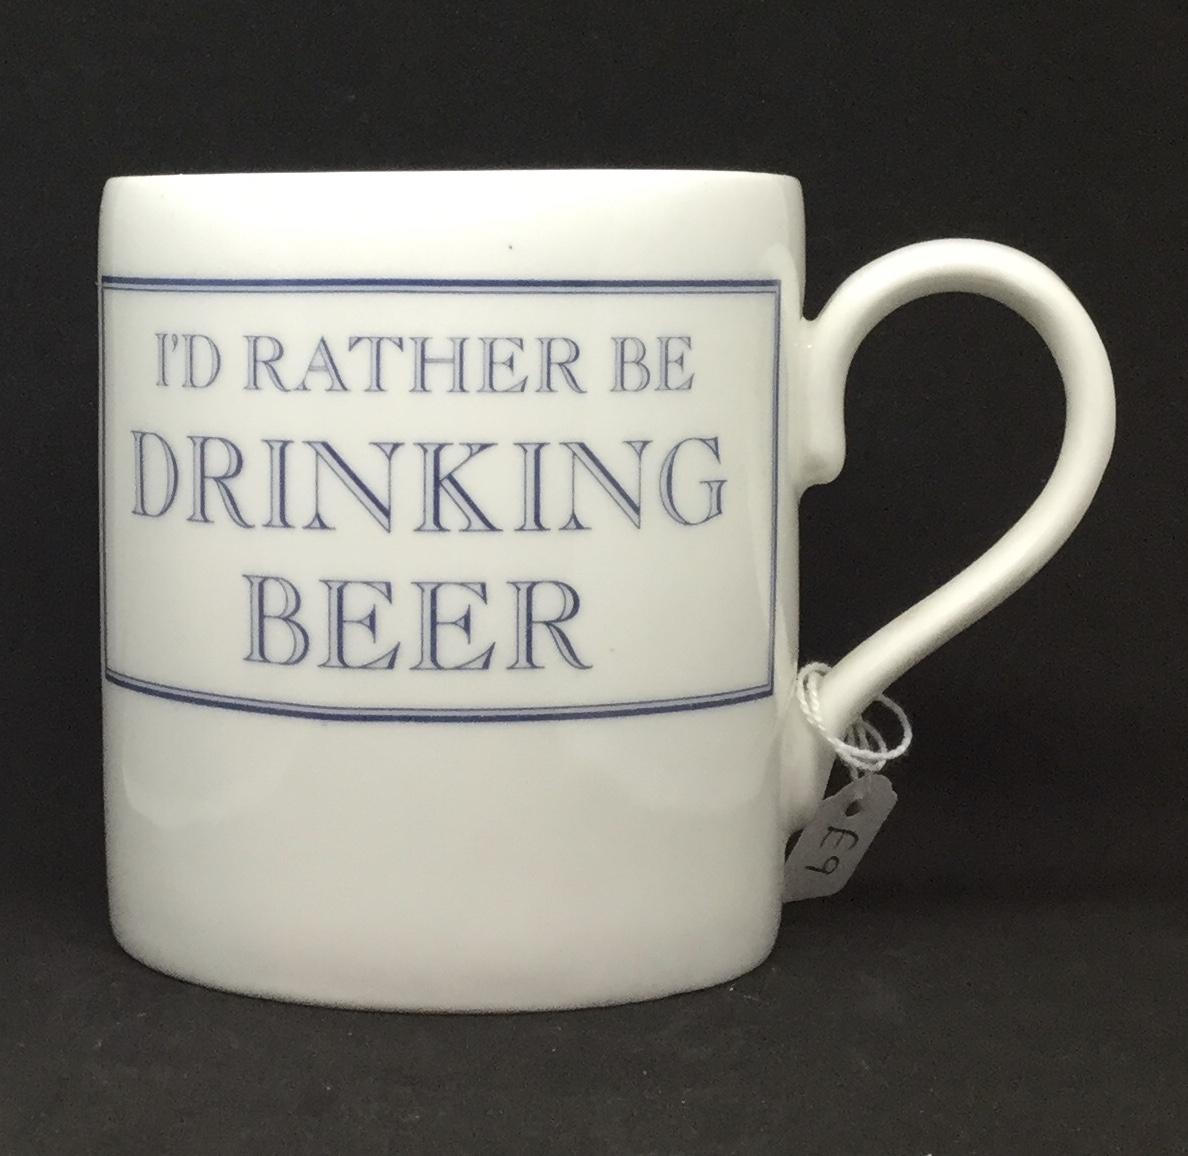 'I'd rather be' drinking beer mug